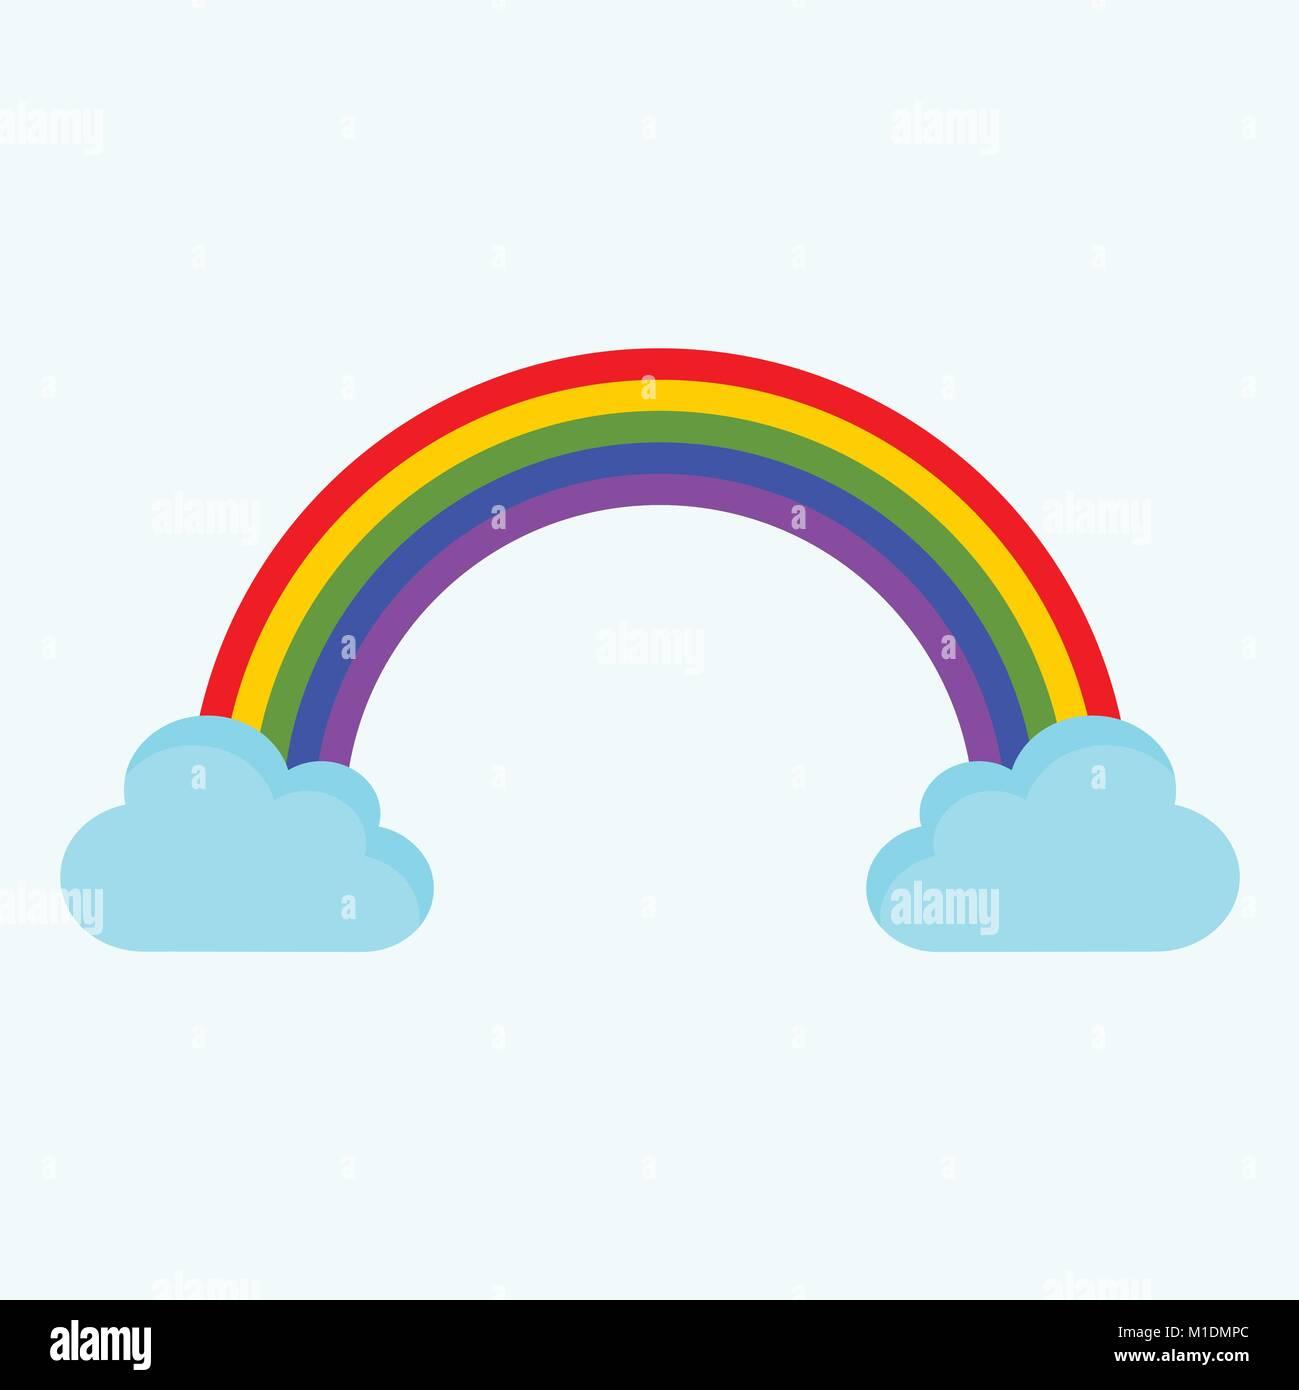 Nuage arc en ciel mignon vecteur illustration graphisme dessin vecteurs et illustration image - Nuage en dessin ...